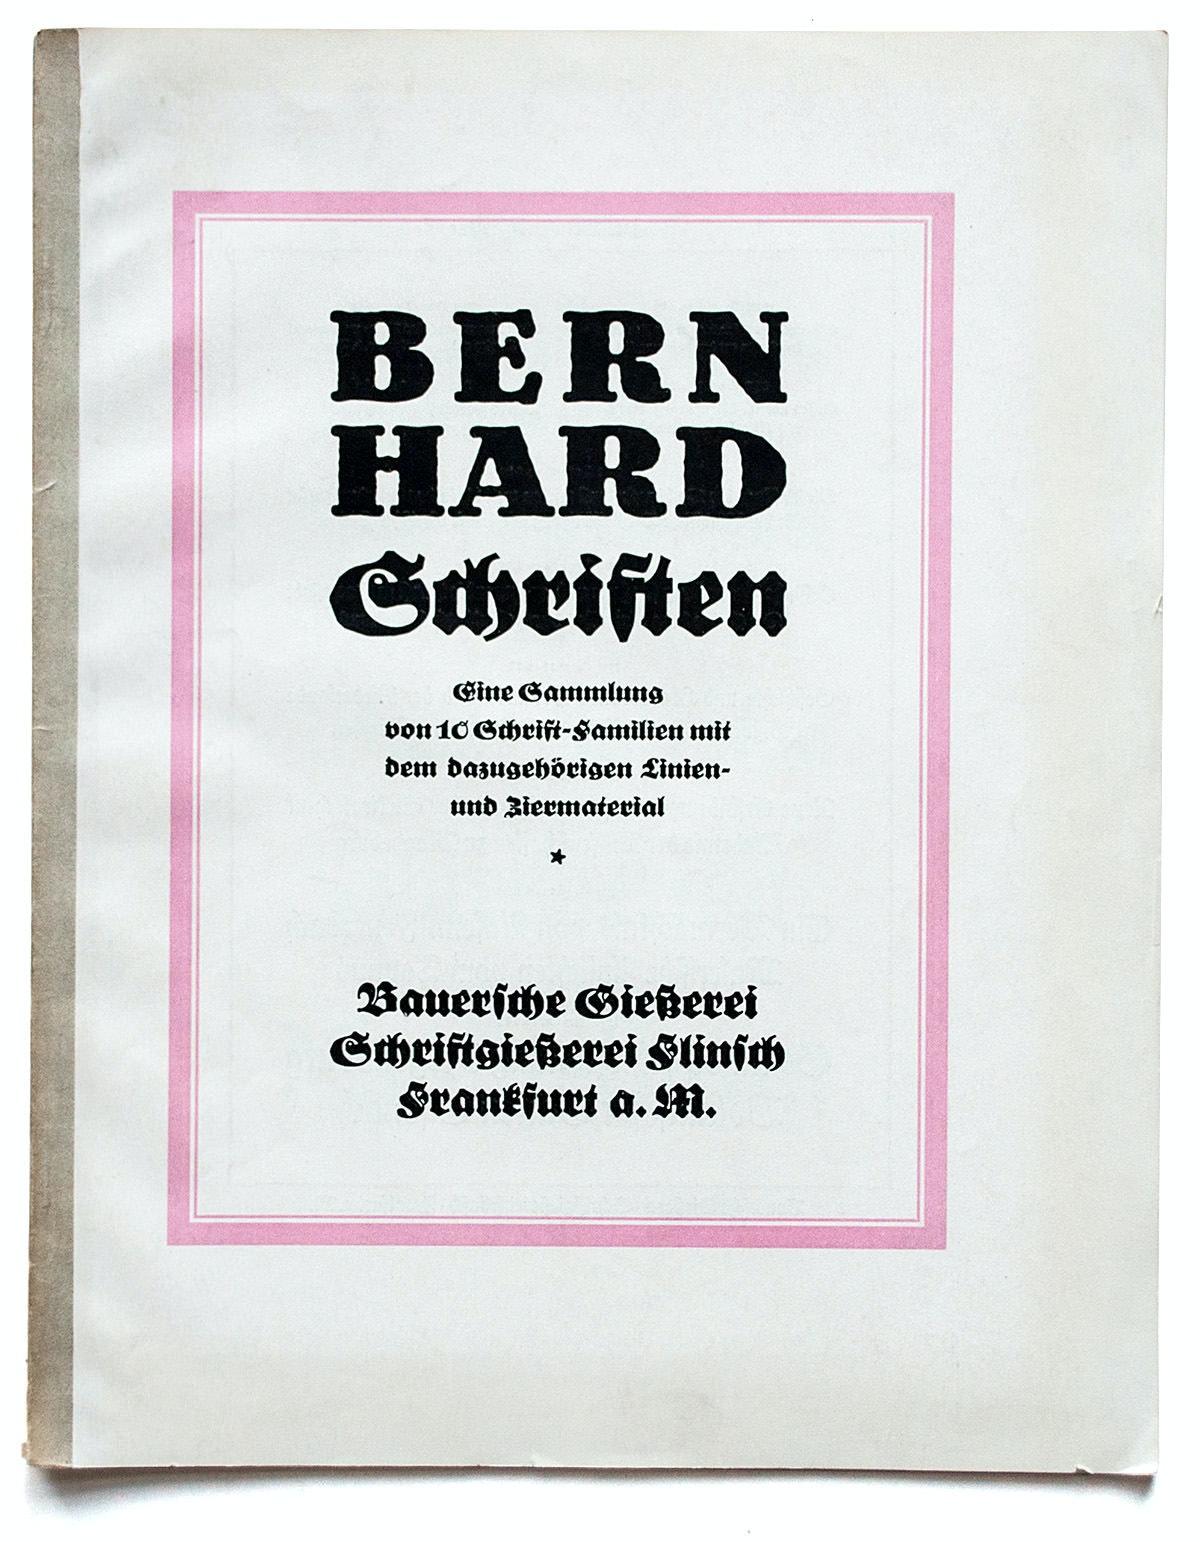 Bernhard Schriften 01